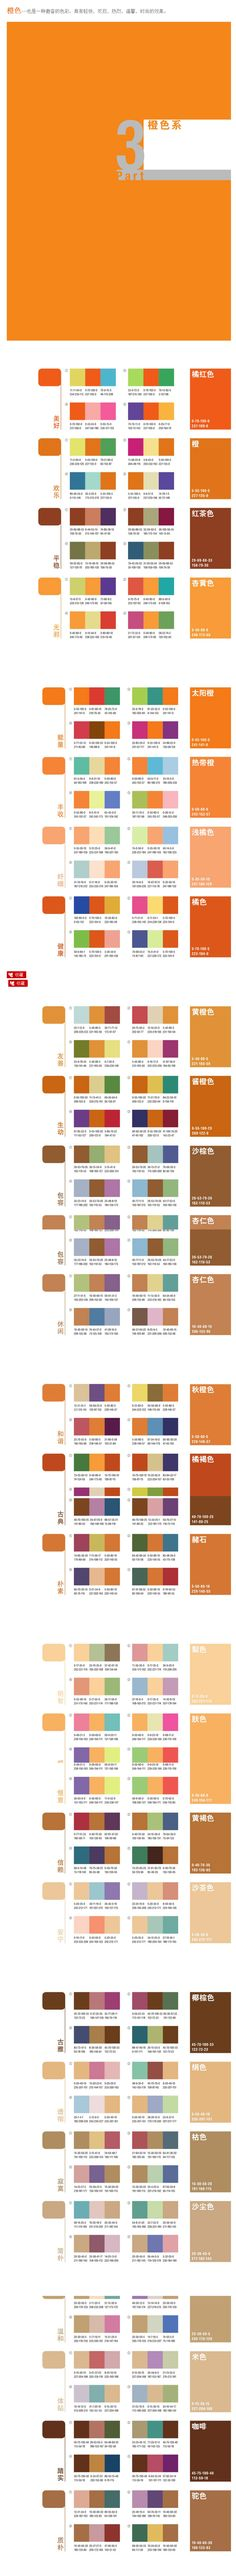 经典配色方案 - 橙色 #色彩#